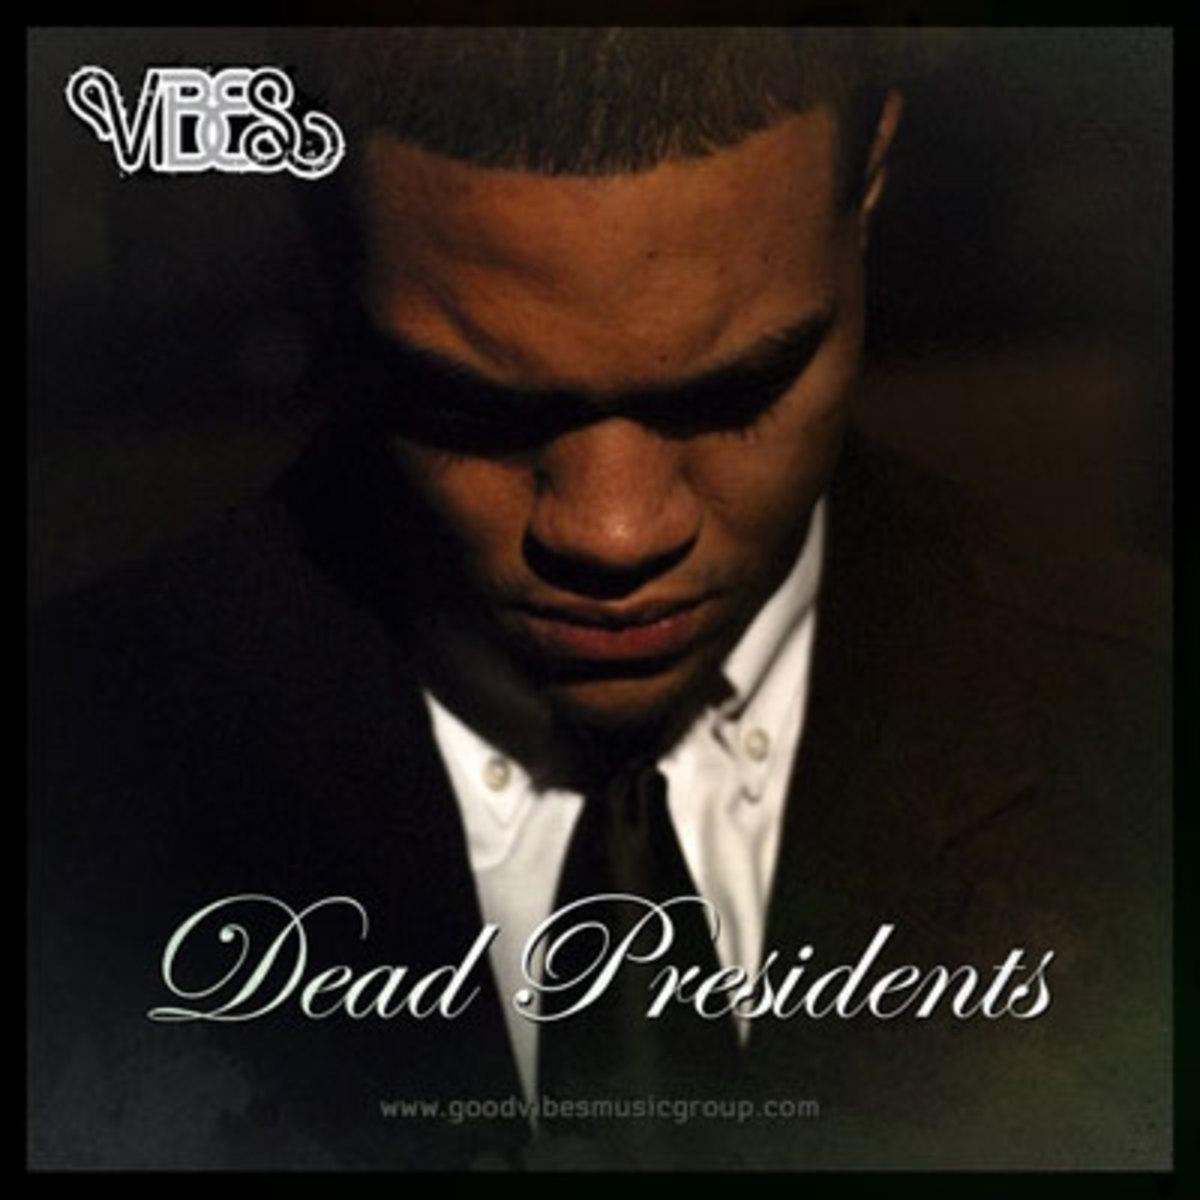 vibes-deadpresidents.jpg